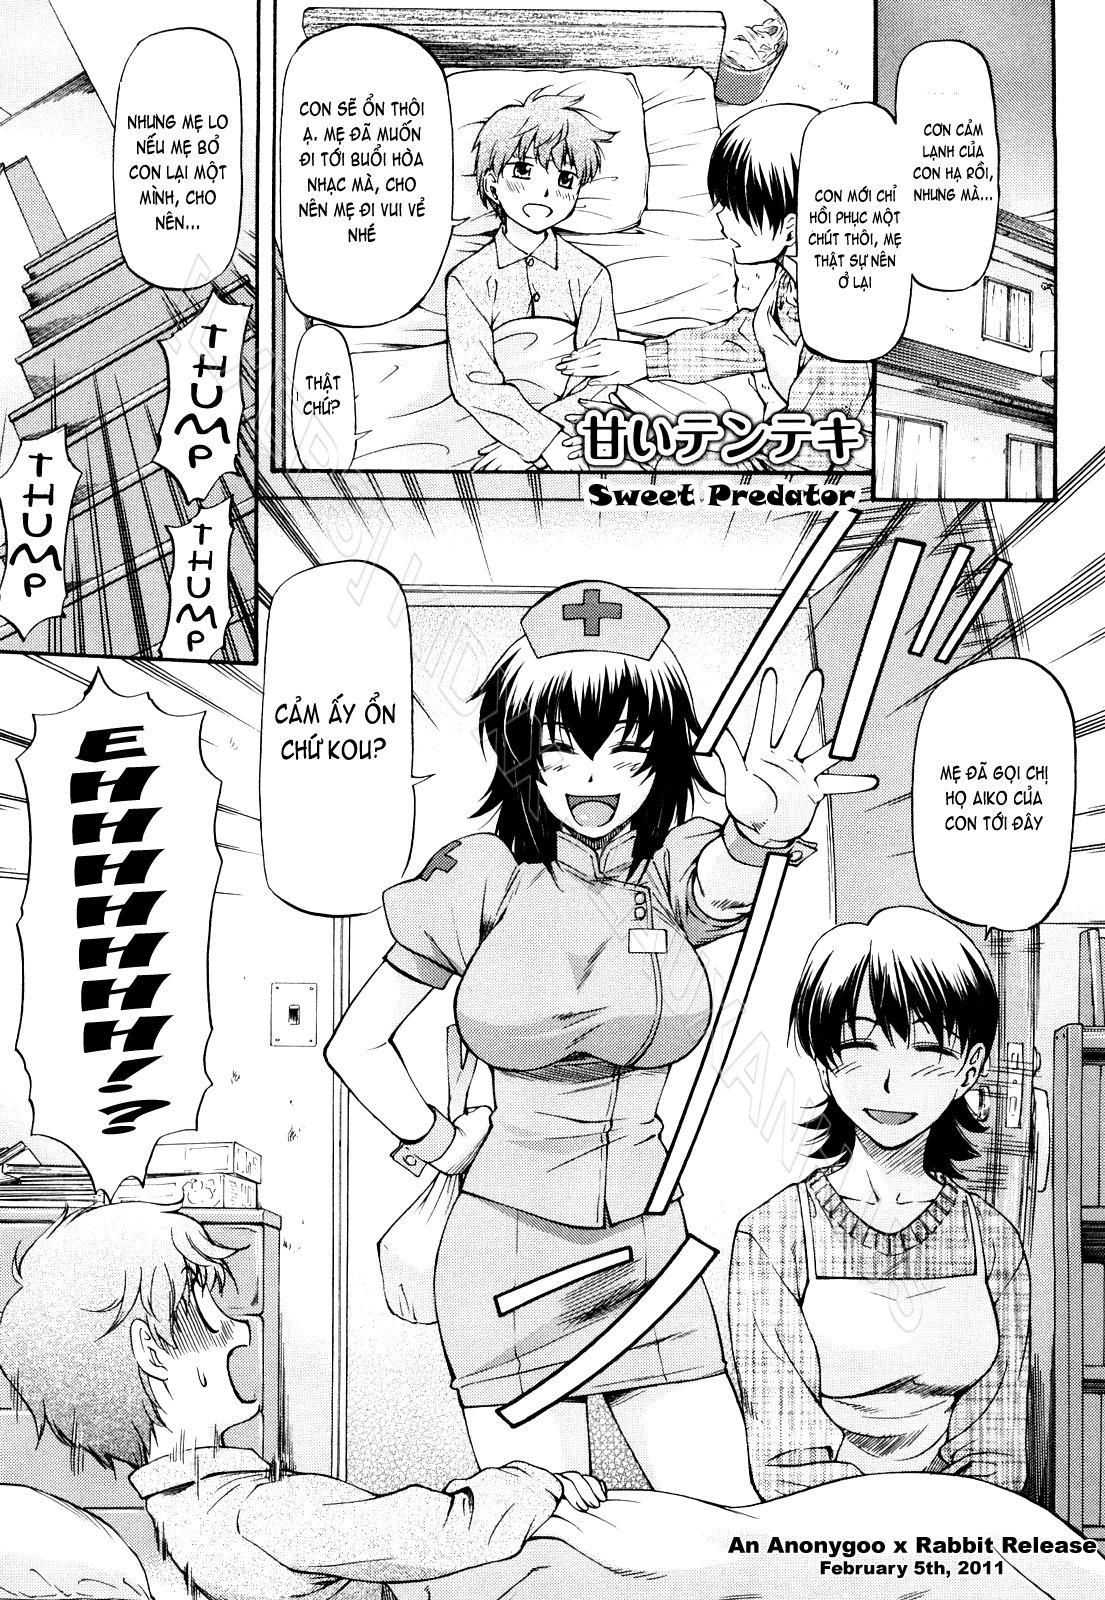 Wap truyện hentai tothichcau.org 133 Truyện Hentai Chị Họ làm y tá